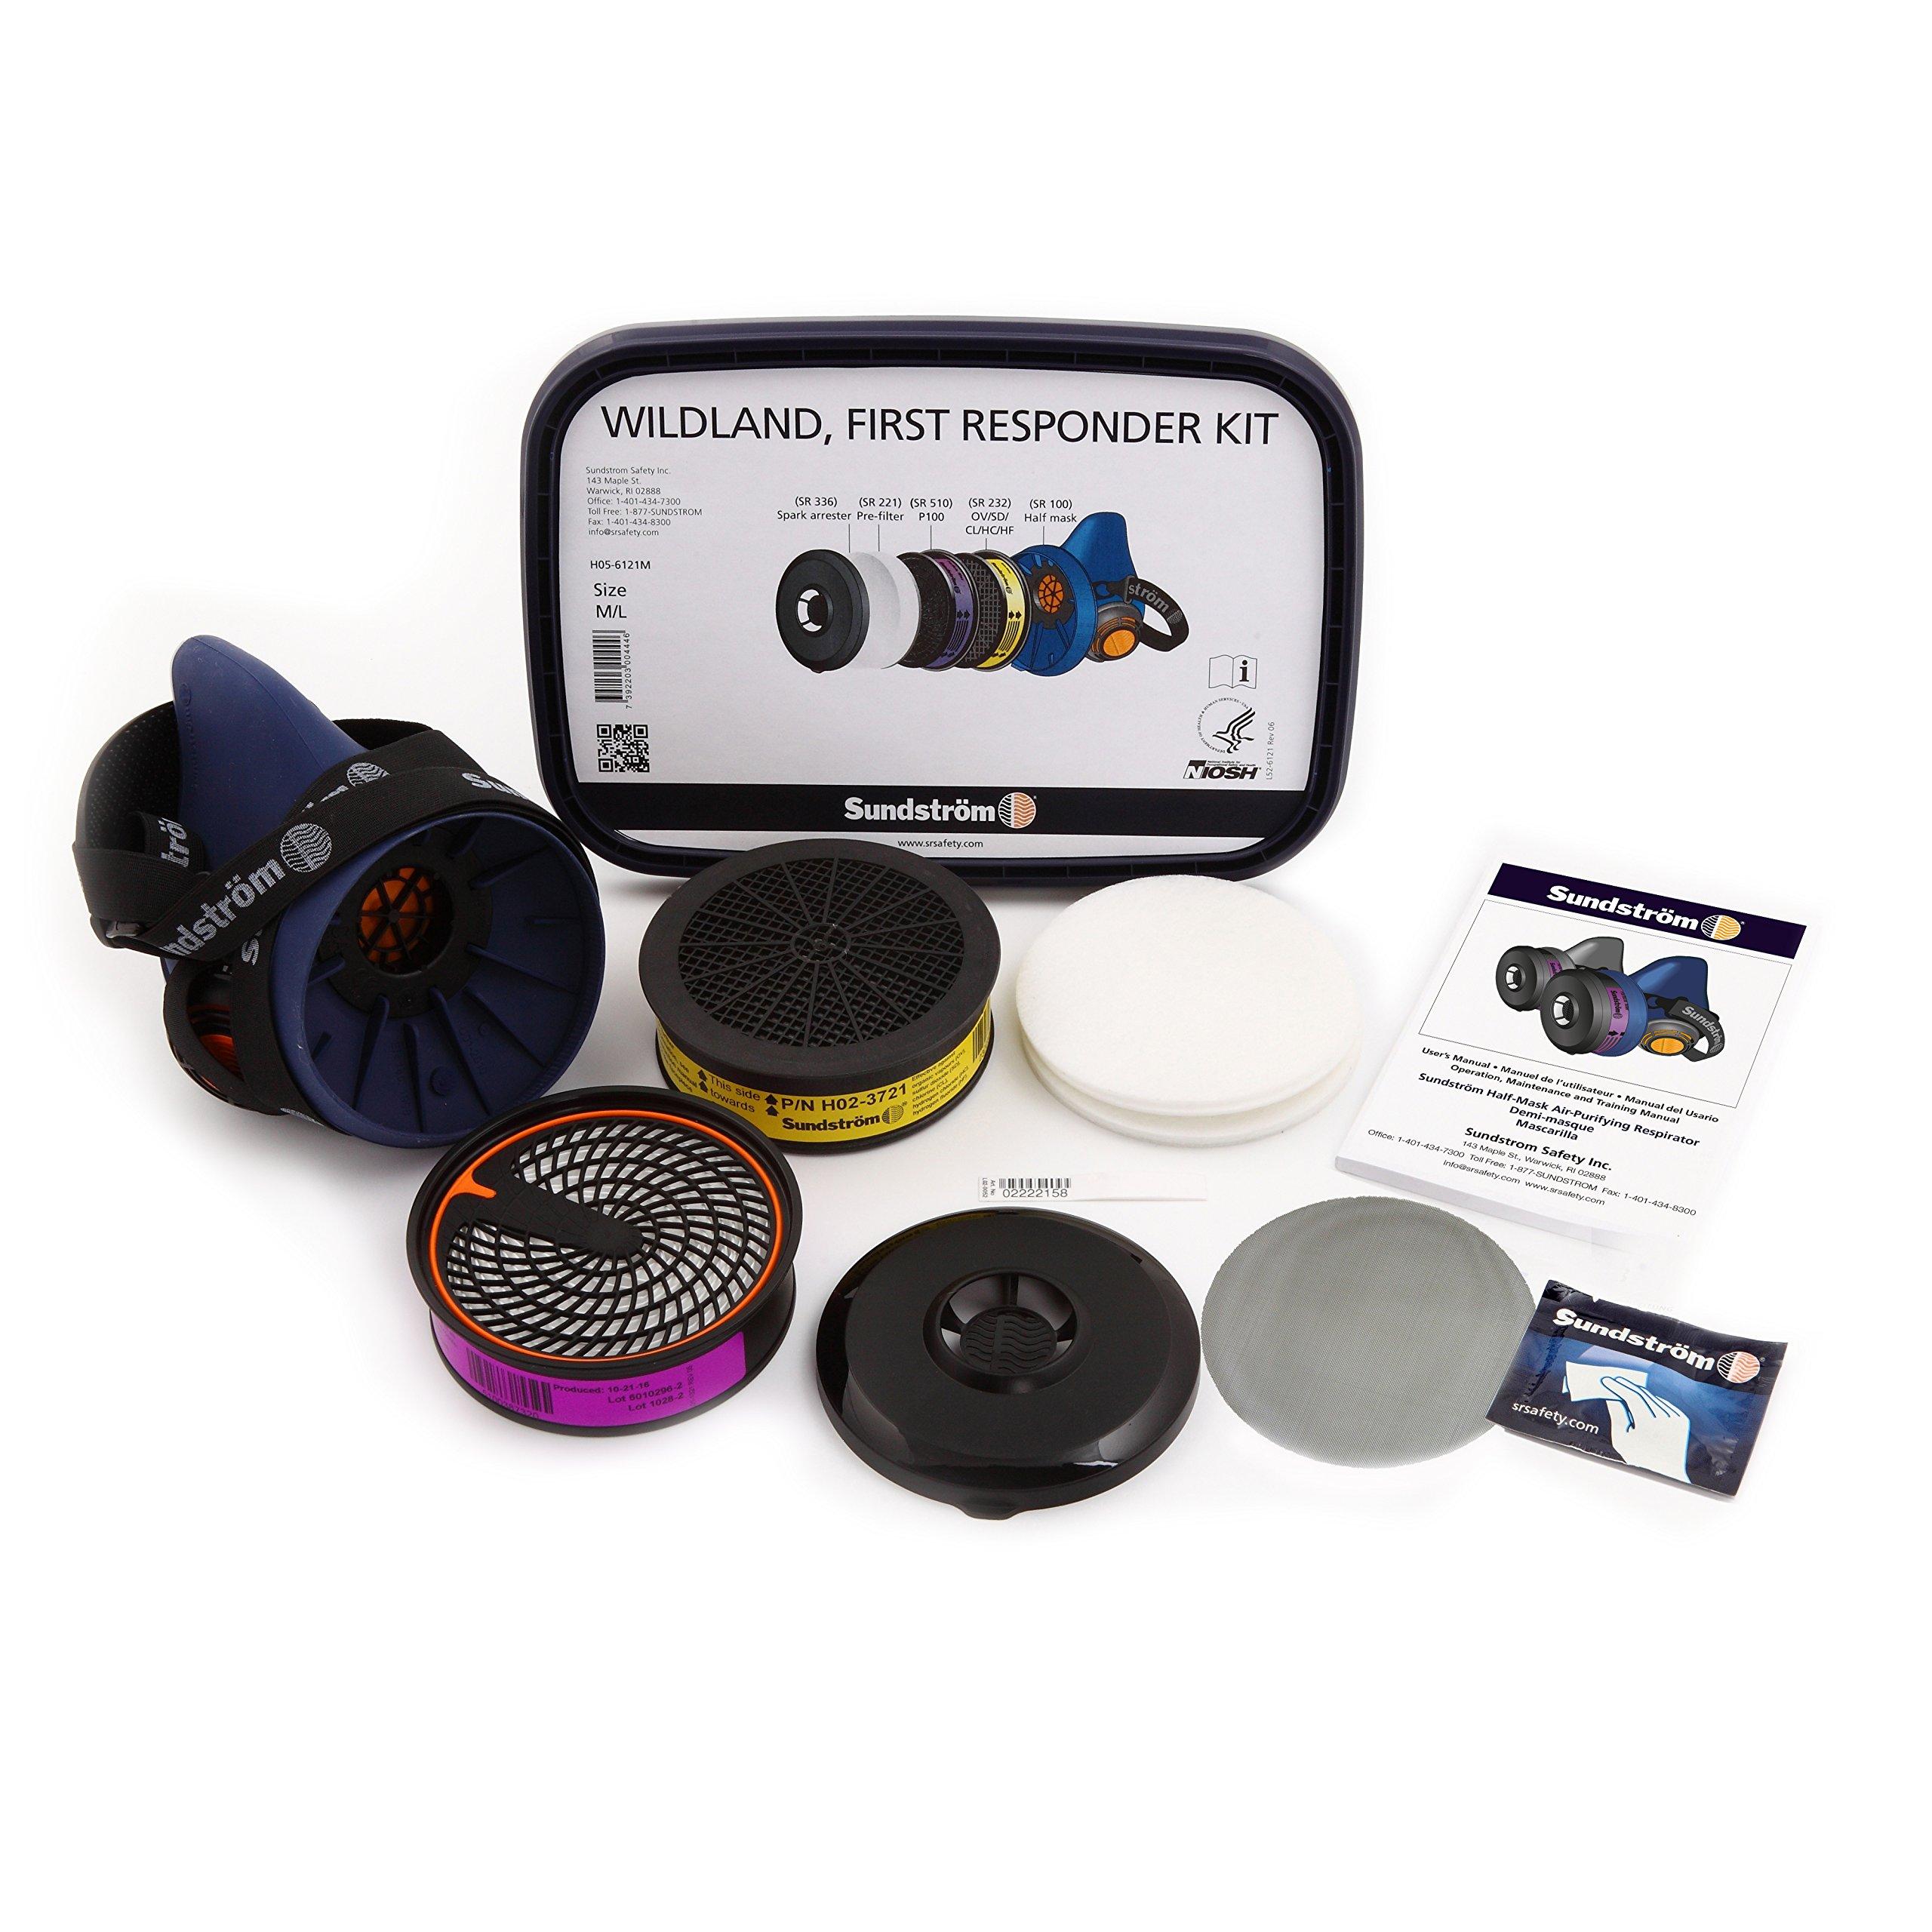 Sundström H05-6121L Wildland First Responder Respirator Kit, SR 100 Silicone Half mask, Large/XL, P100/HE particulate Filter, SR 232 OV/SD/CL/HC/HF Cartridge, prefilters, Spark Arrester